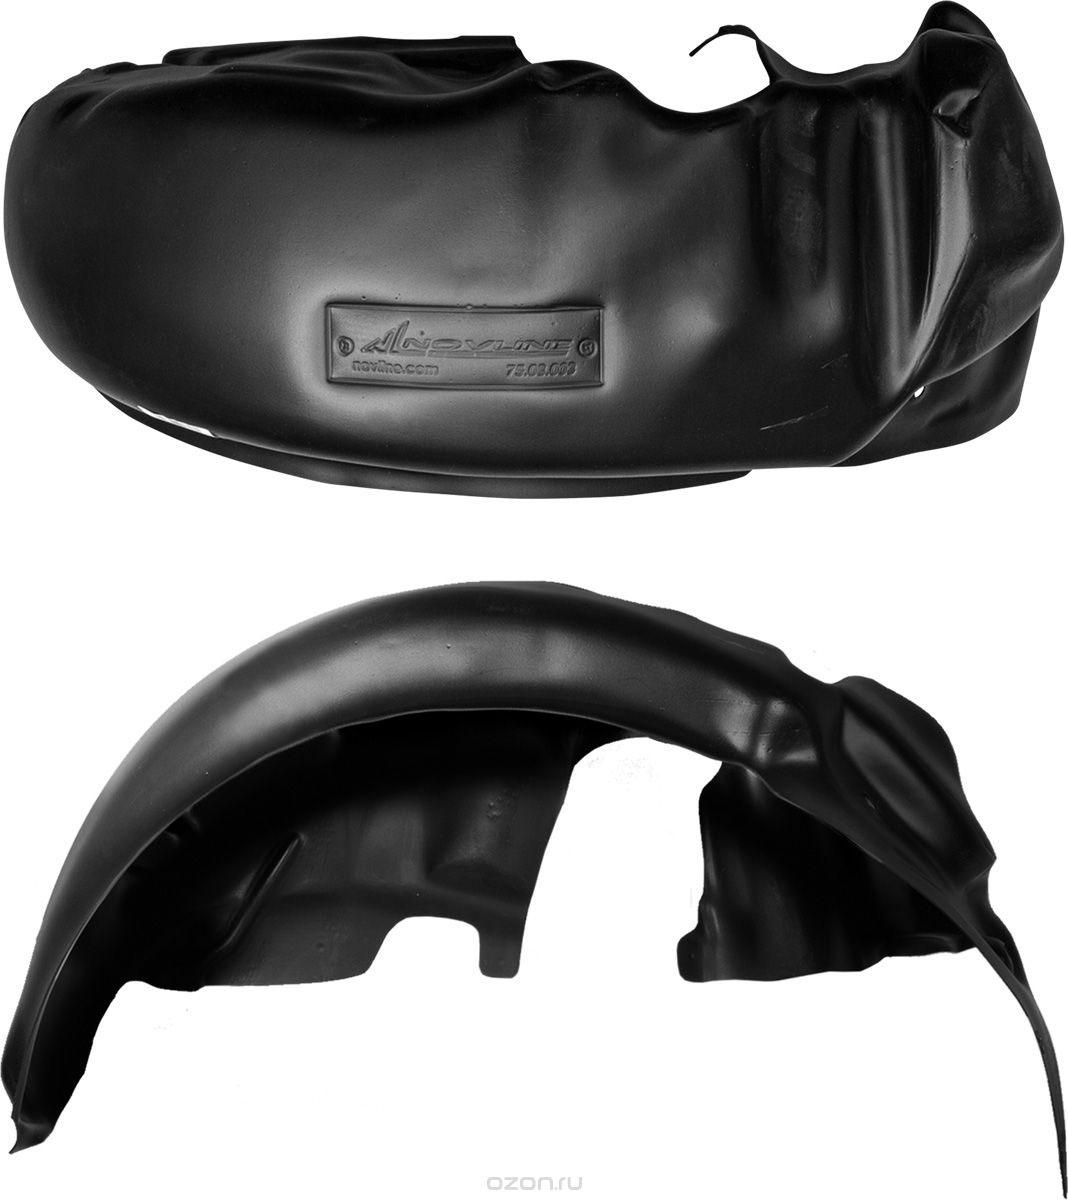 Подкрылок Novline-Autofamily, для FIAT Linea 2007->, сед., задний левыйNLL.15.14.003Идеальная защита колесной ниши. Локеры разработаны с применением цифровых технологий, гарантируют максимальную повторяемость поверхности арки. Изделия устанавливаются без нарушения лакокрасочного покрытия автомобиля, каждый подкрылок комплектуется крепежом. Уважаемые клиенты, обращаем ваше внимание, что фотографии на подкрылки универсальные и не отражают реальную форму изделия. При этом само изделие идет точно под размер указанного автомобиля.